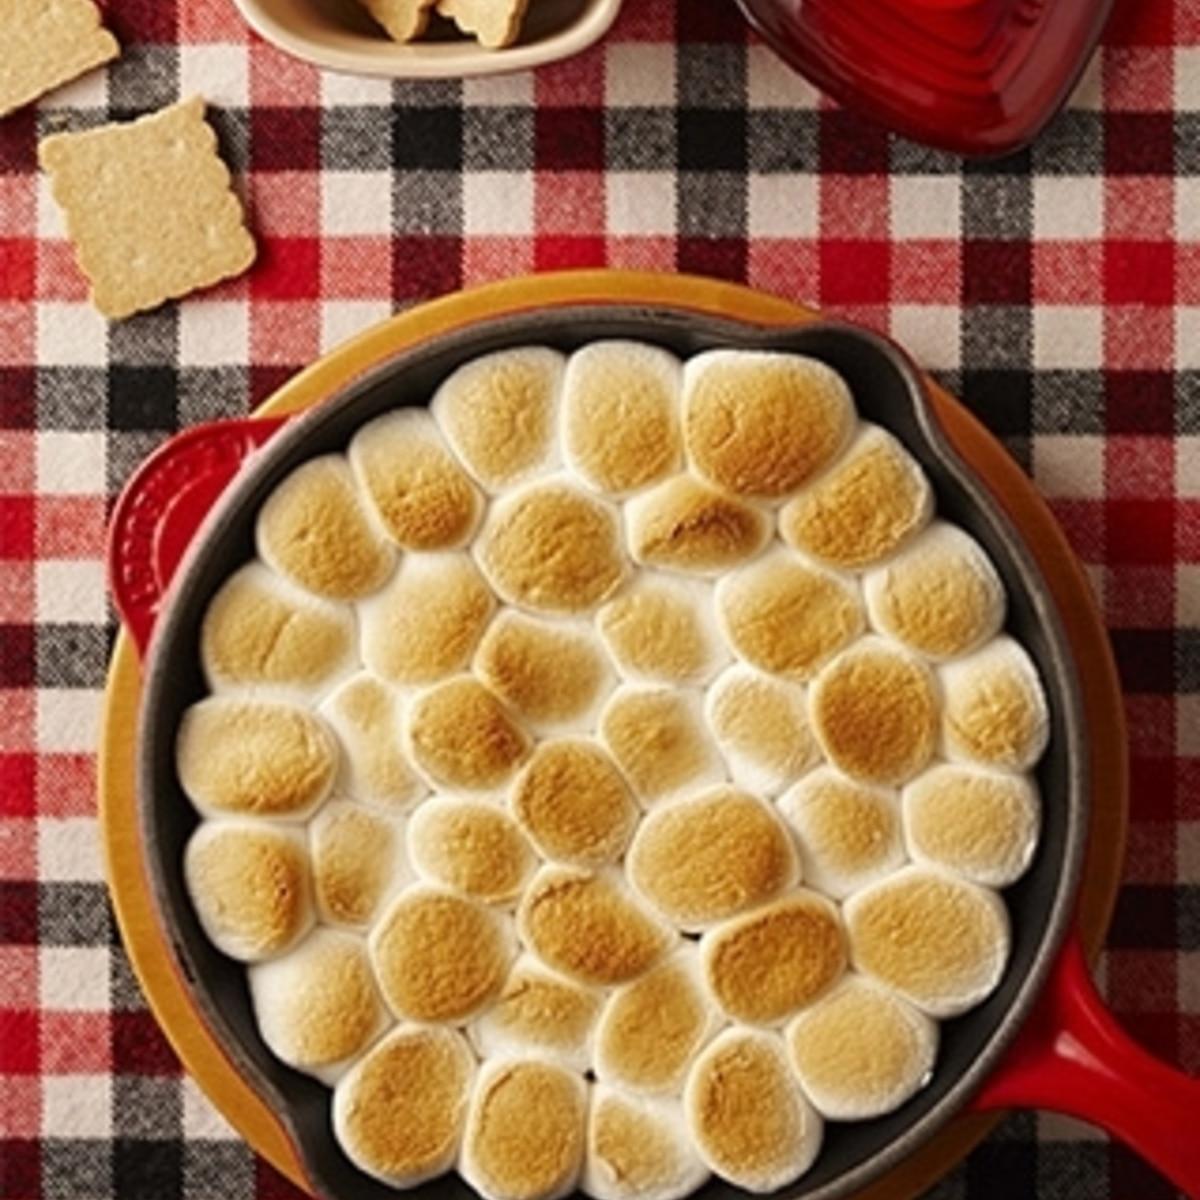 作り方 スモア スモアレシピ・作り方の人気順|簡単料理の楽天レシピ